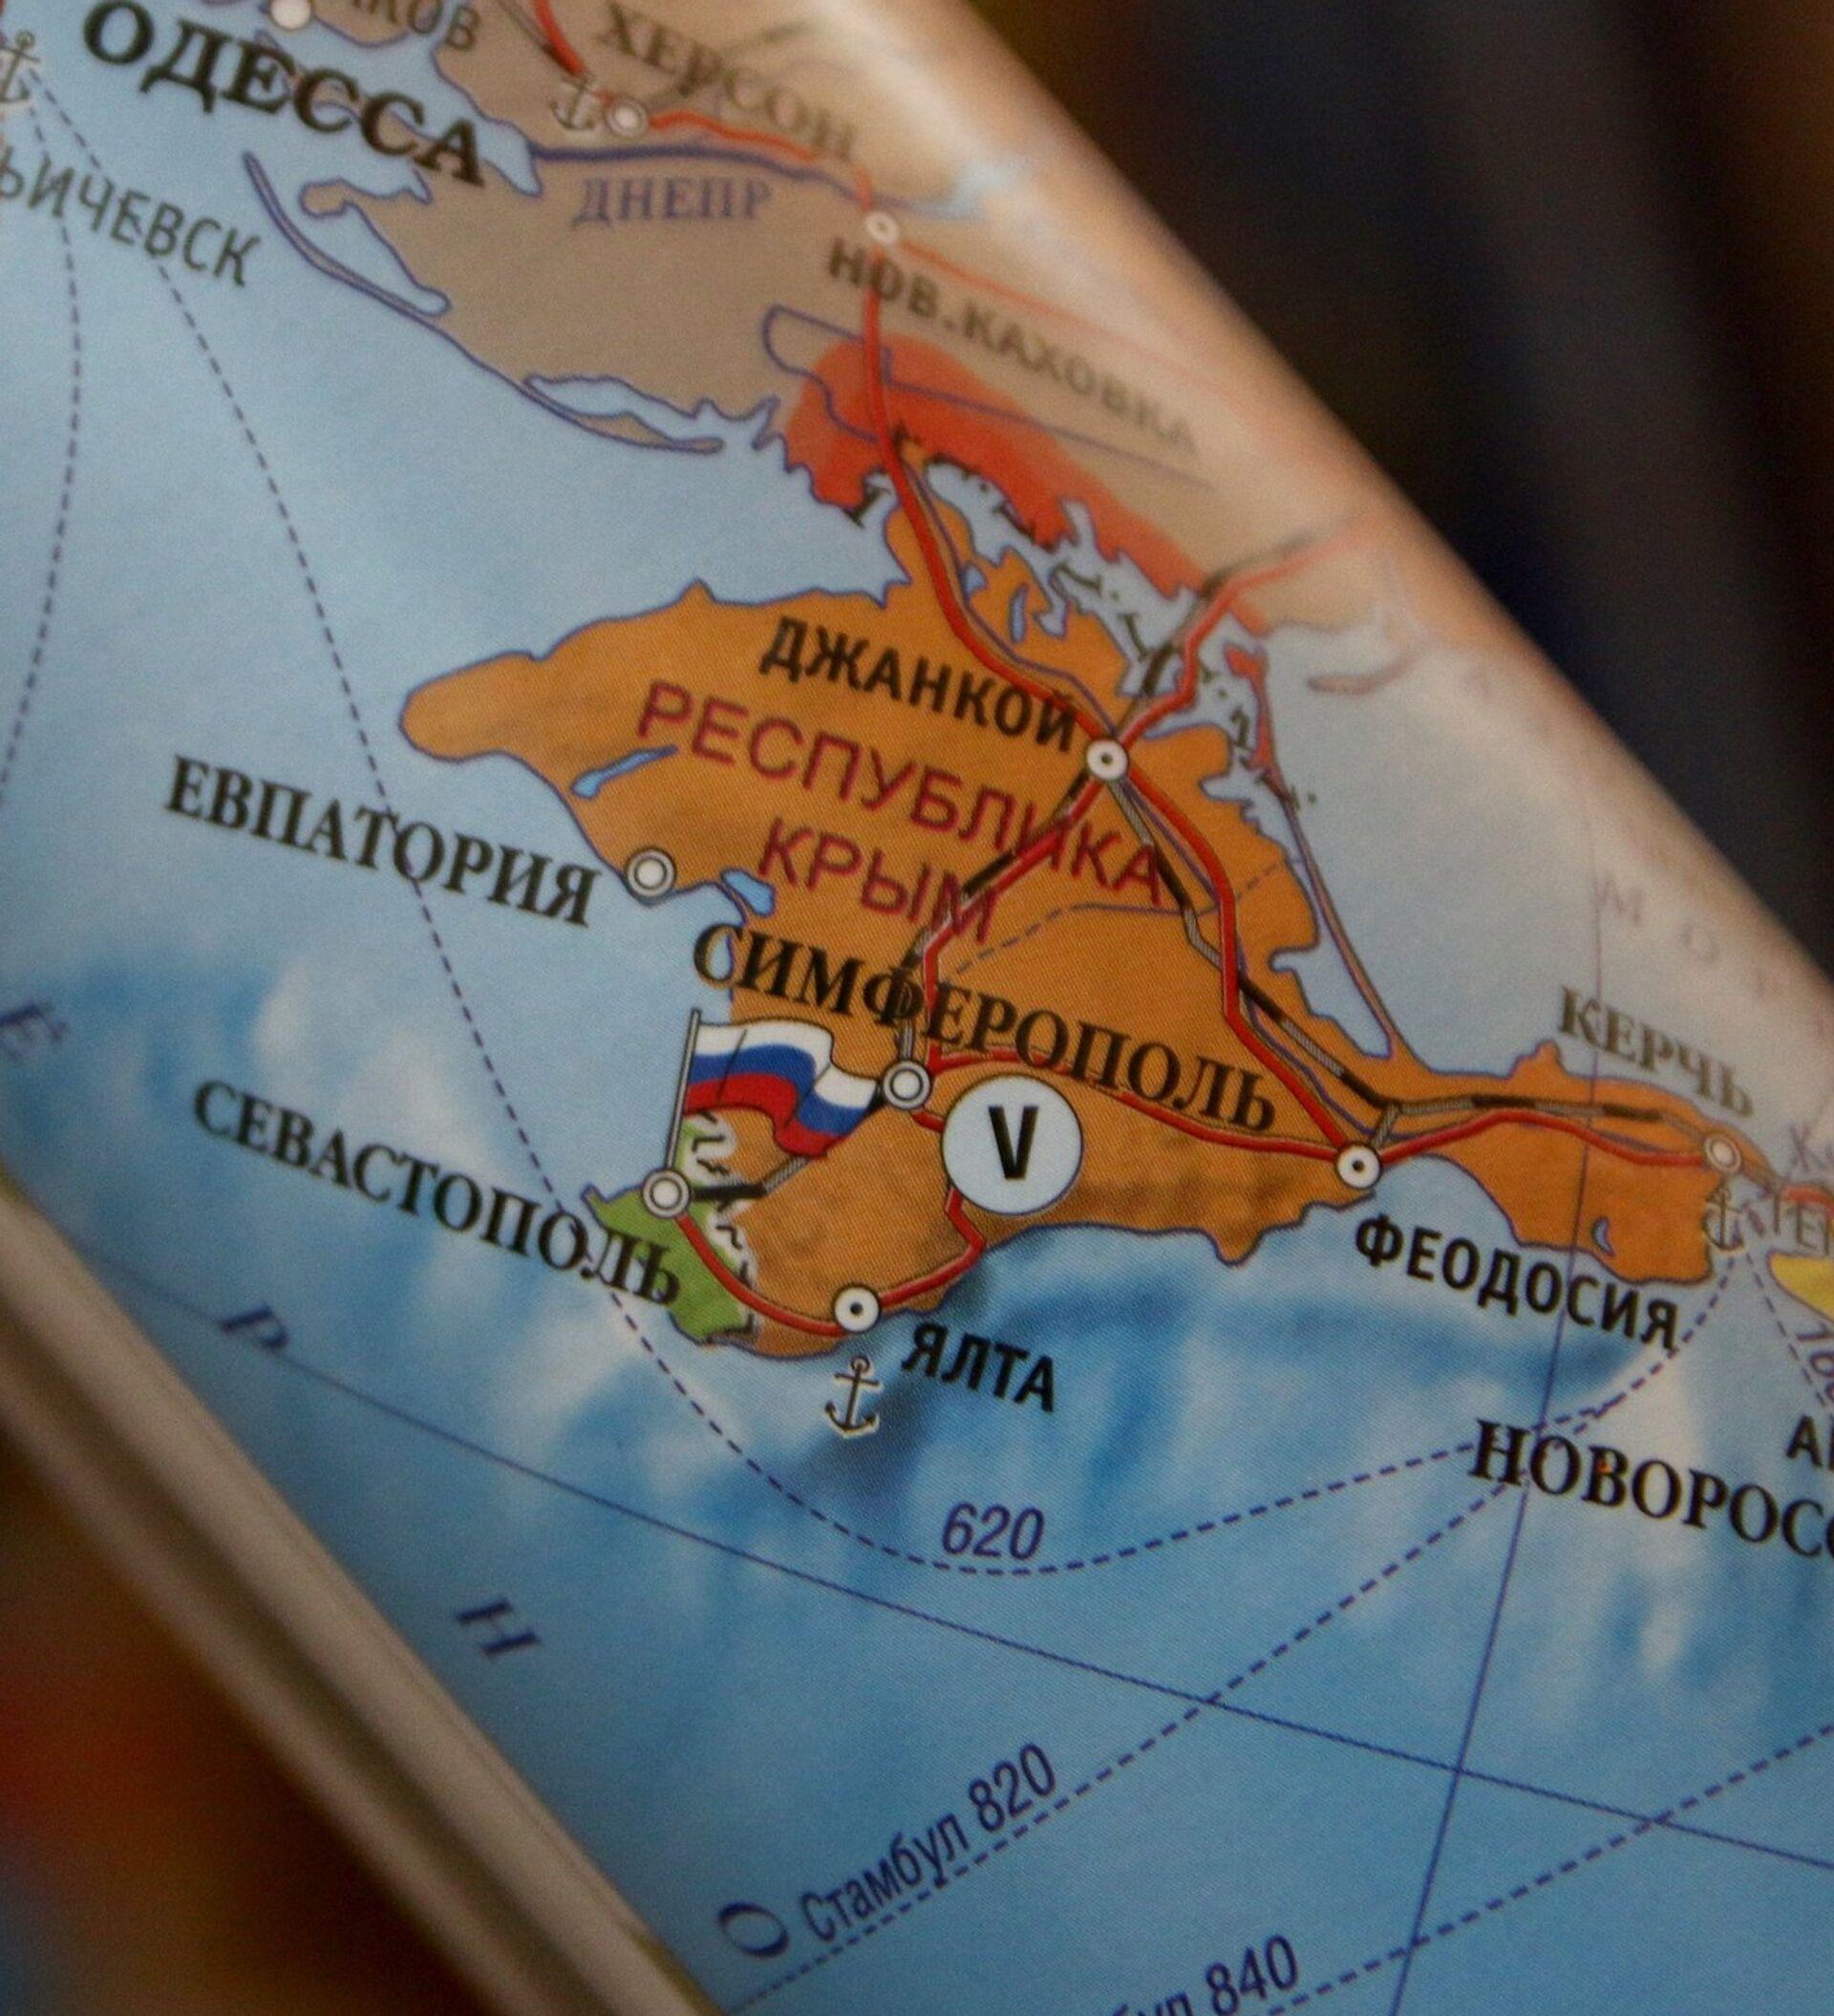 Cartina Geografica Russia Ucraina.Google Riporta I Nomi Reali Sulla Carta Della Crimea 29 07 2016 Sputnik Italia